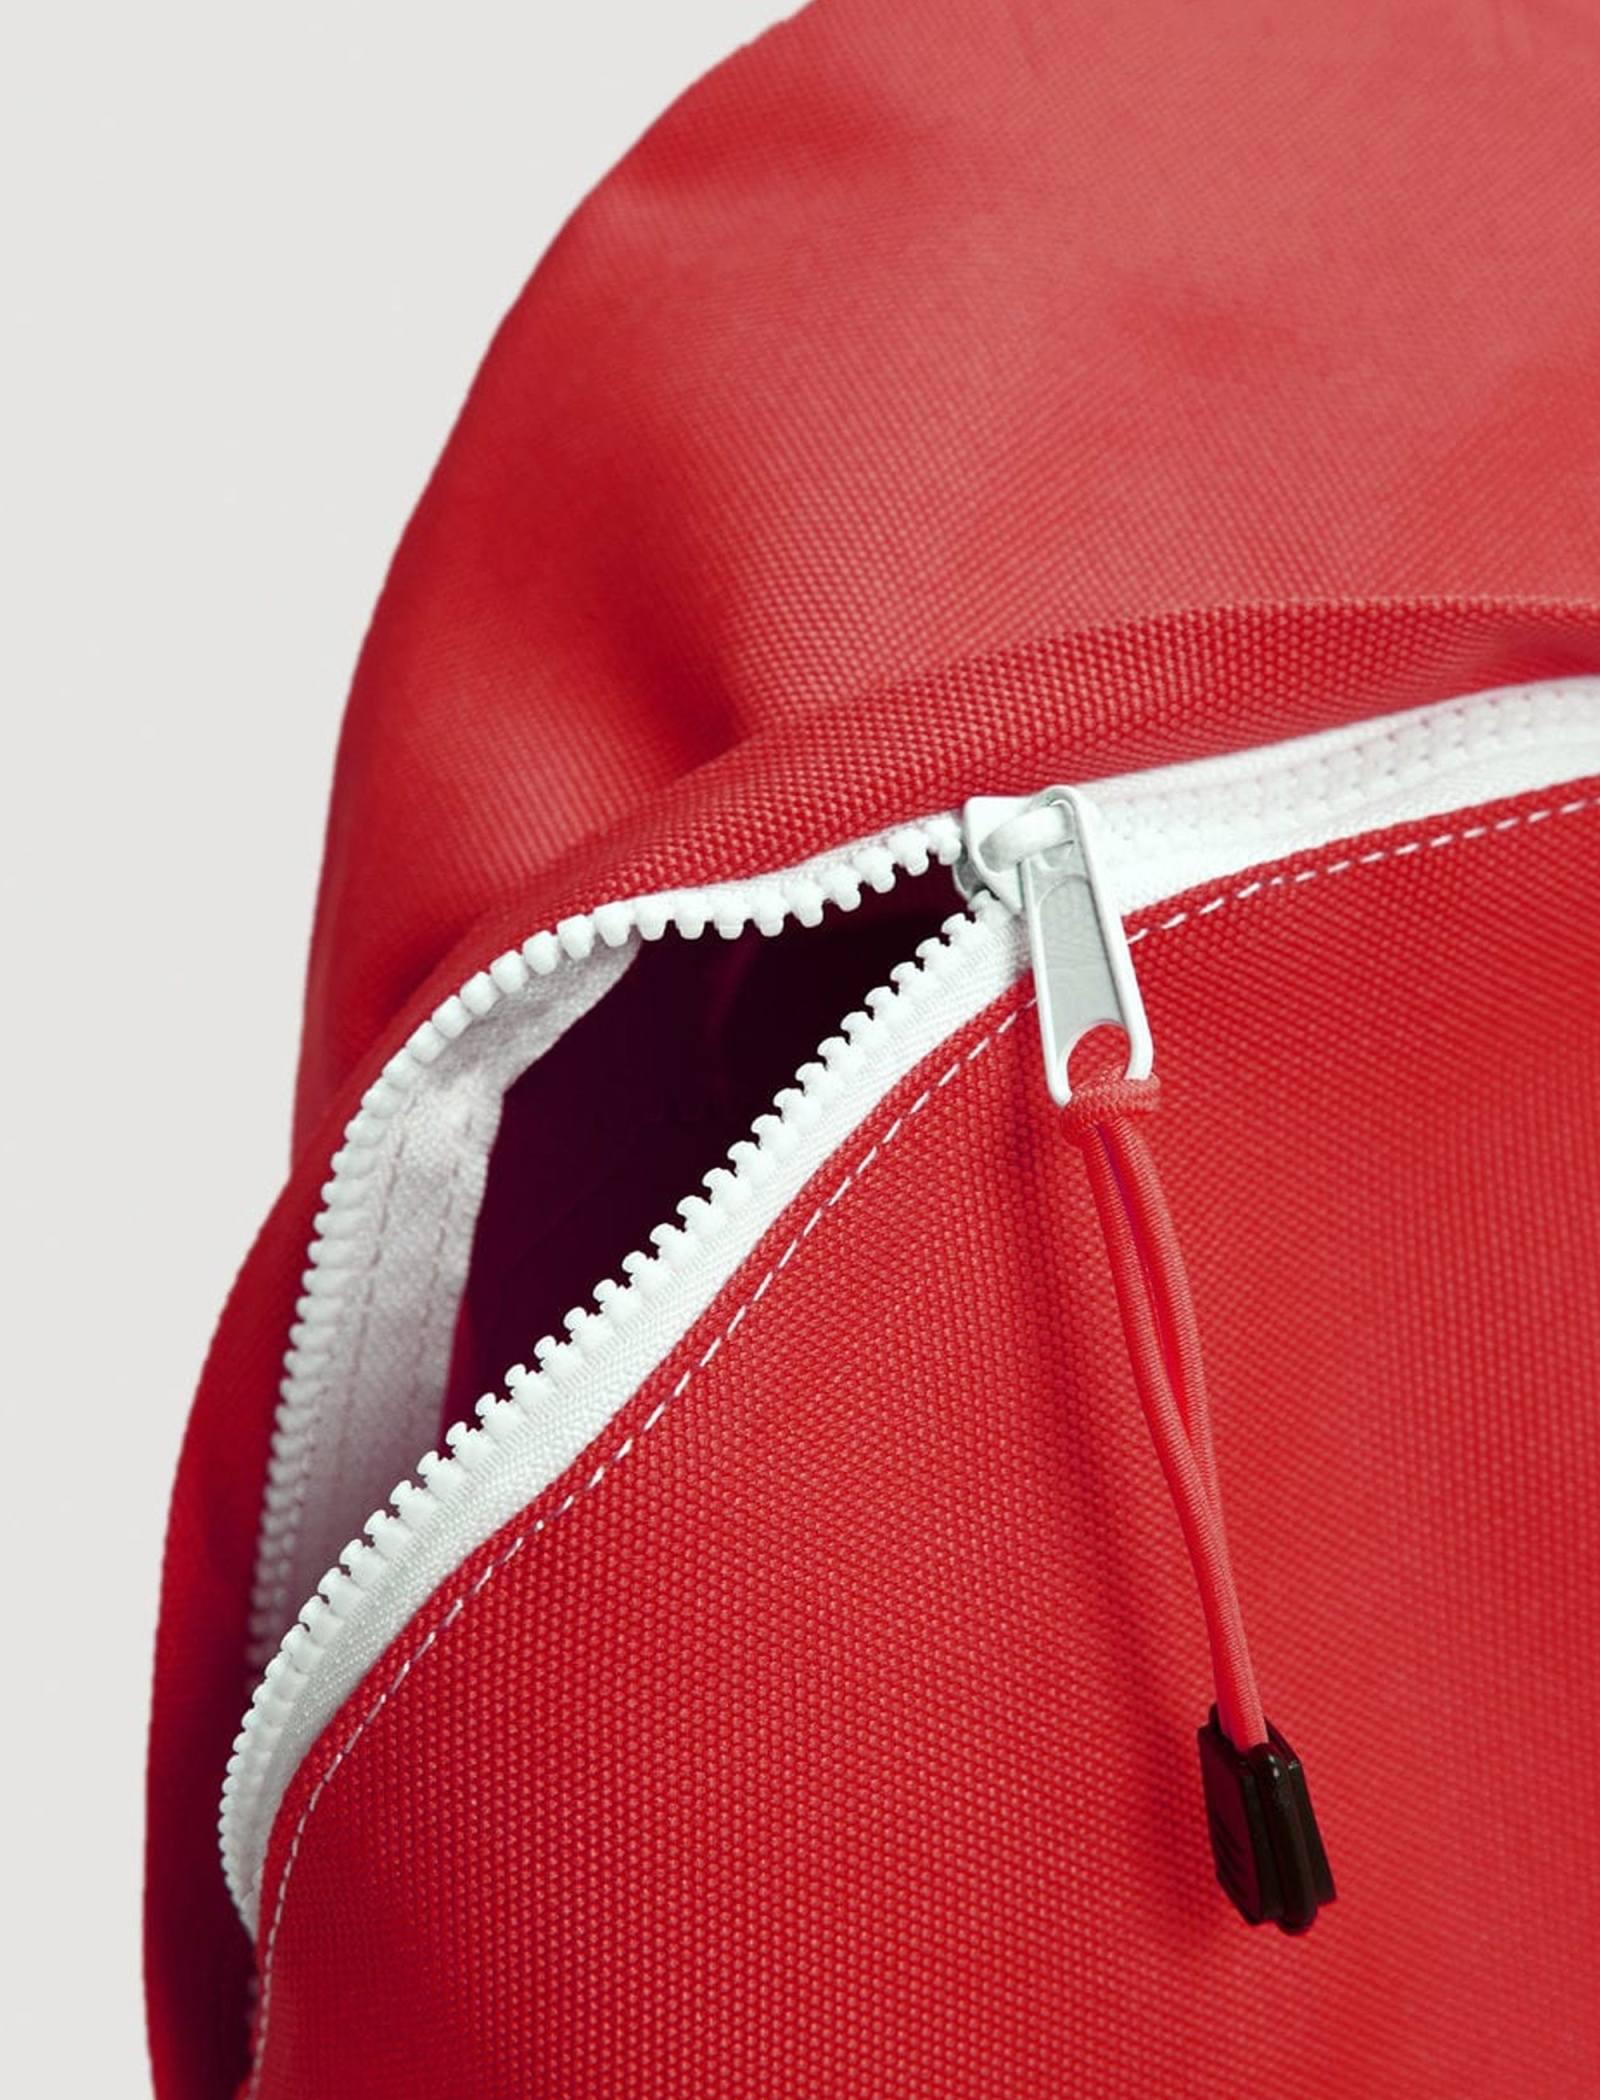 کوله پشتی روزمره مردانه - مانگو - قرمز - 3